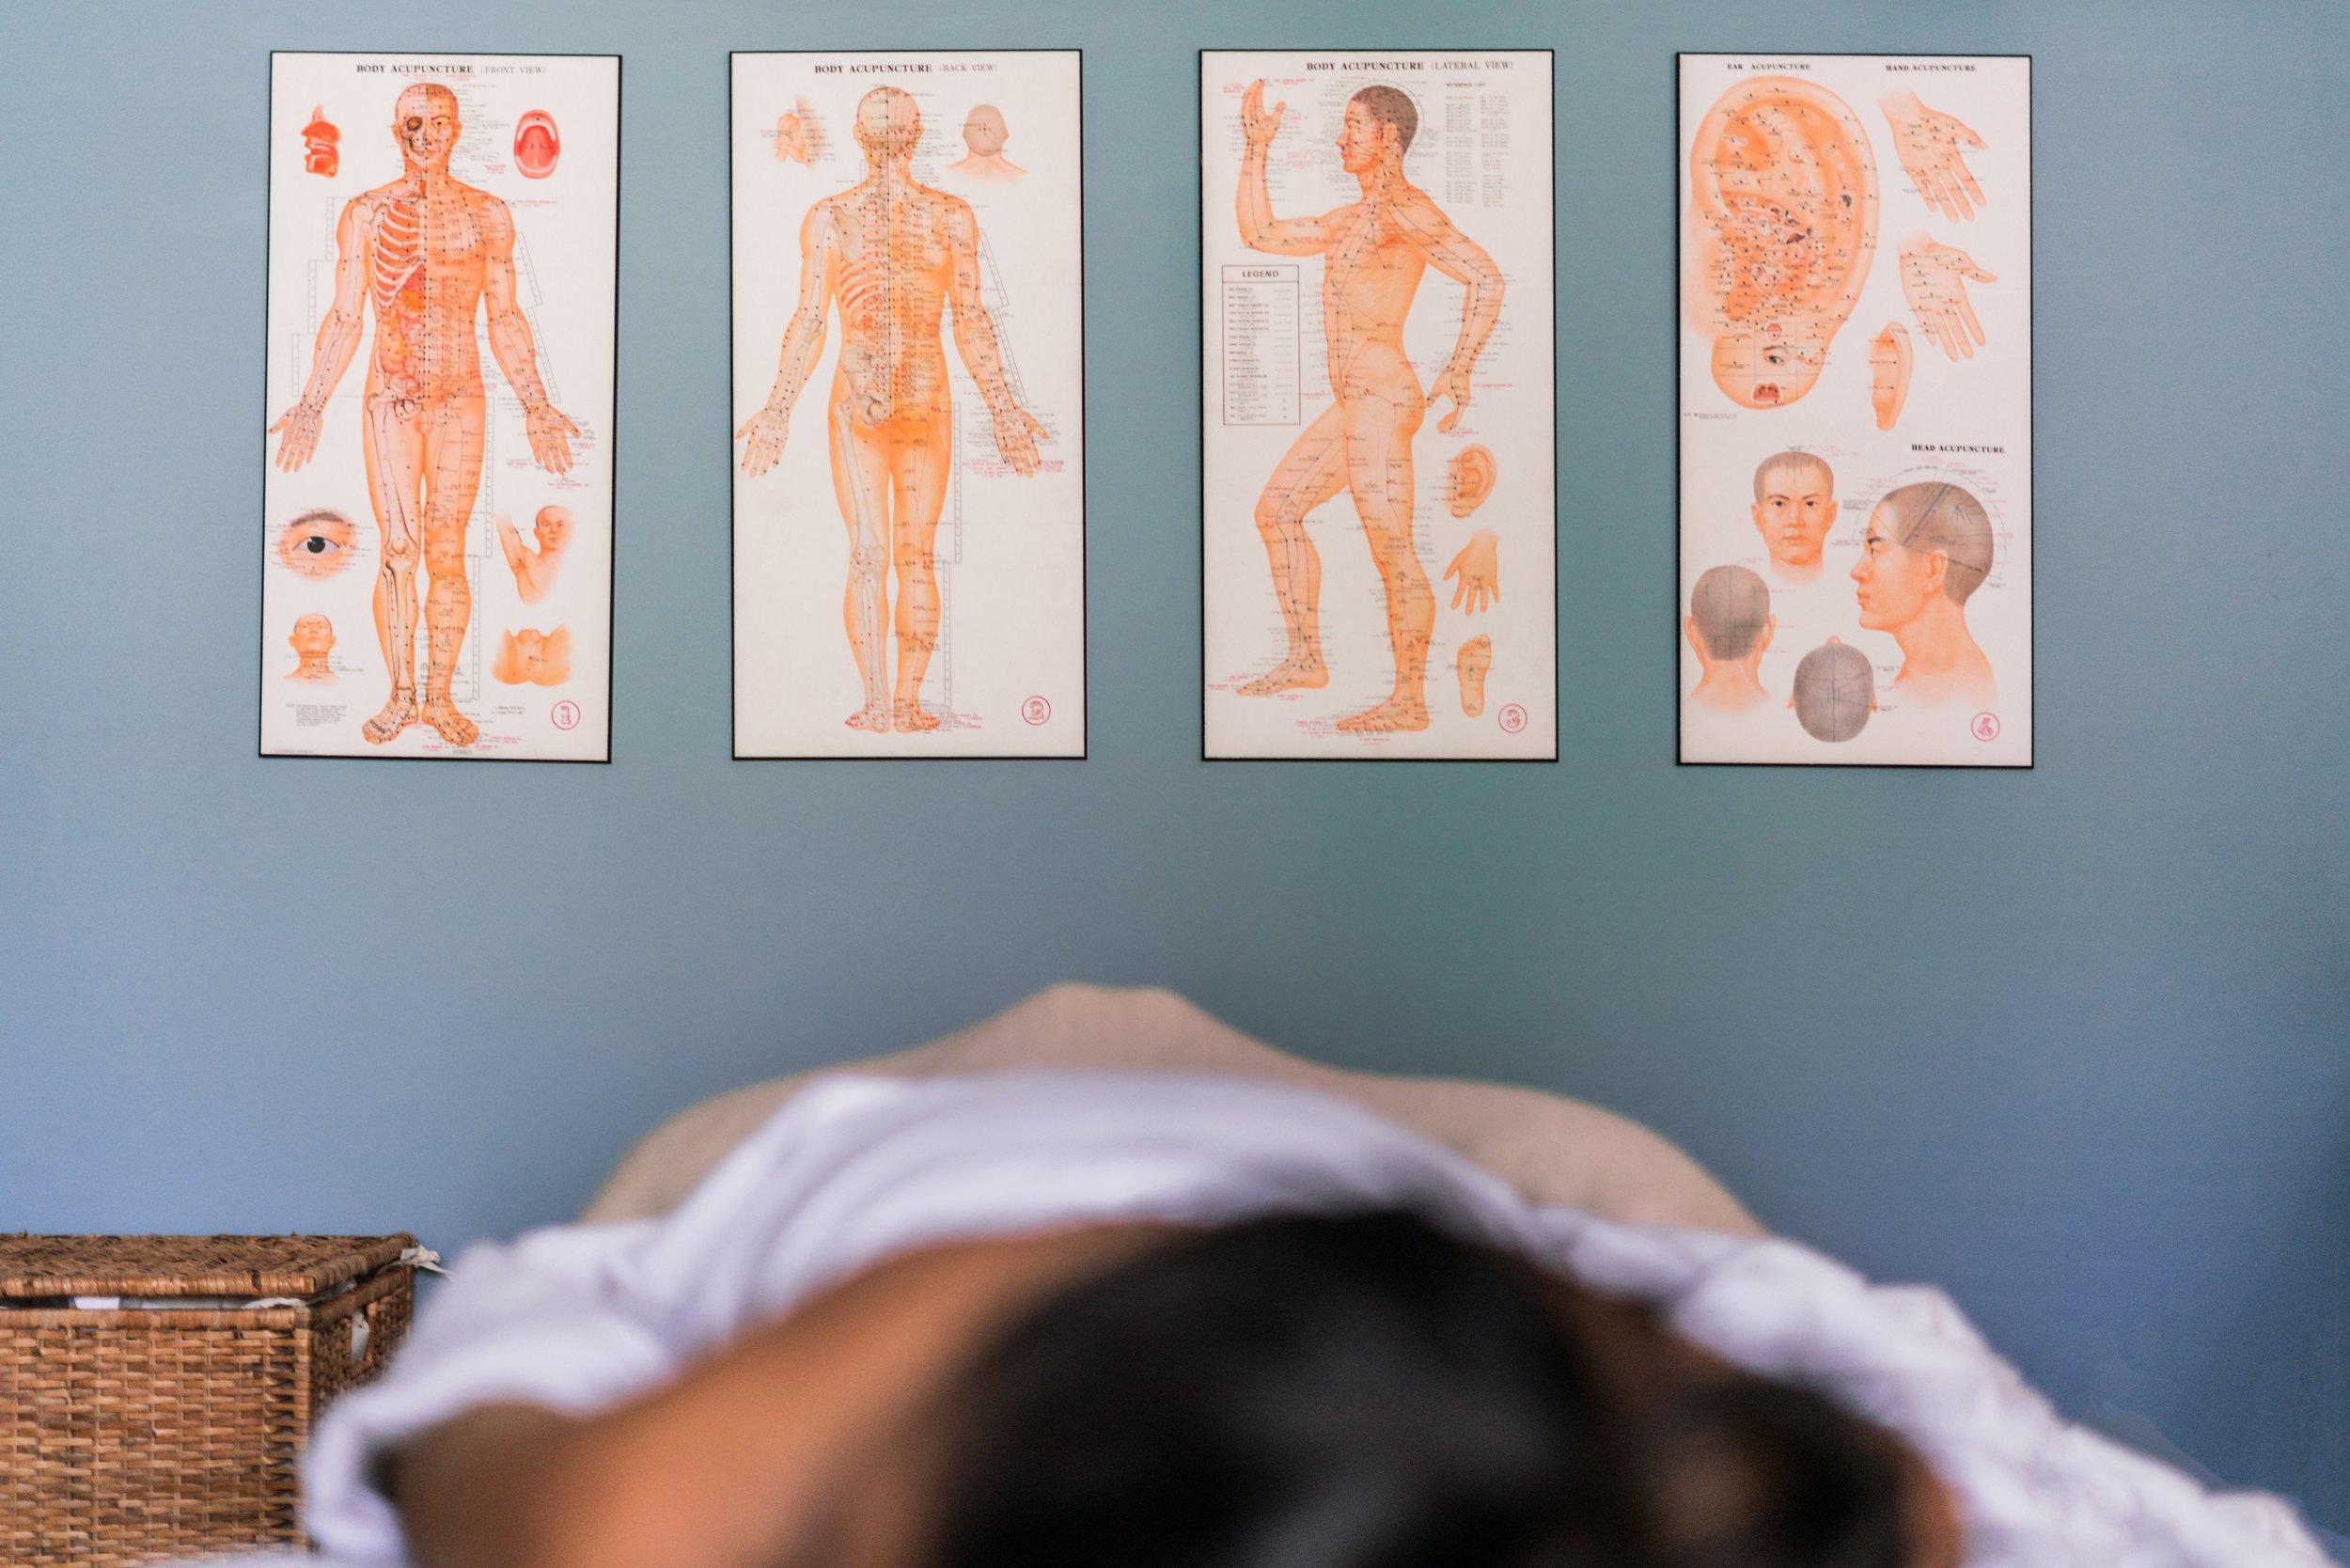 massage-reference-charts-art_4460x4460.jpg